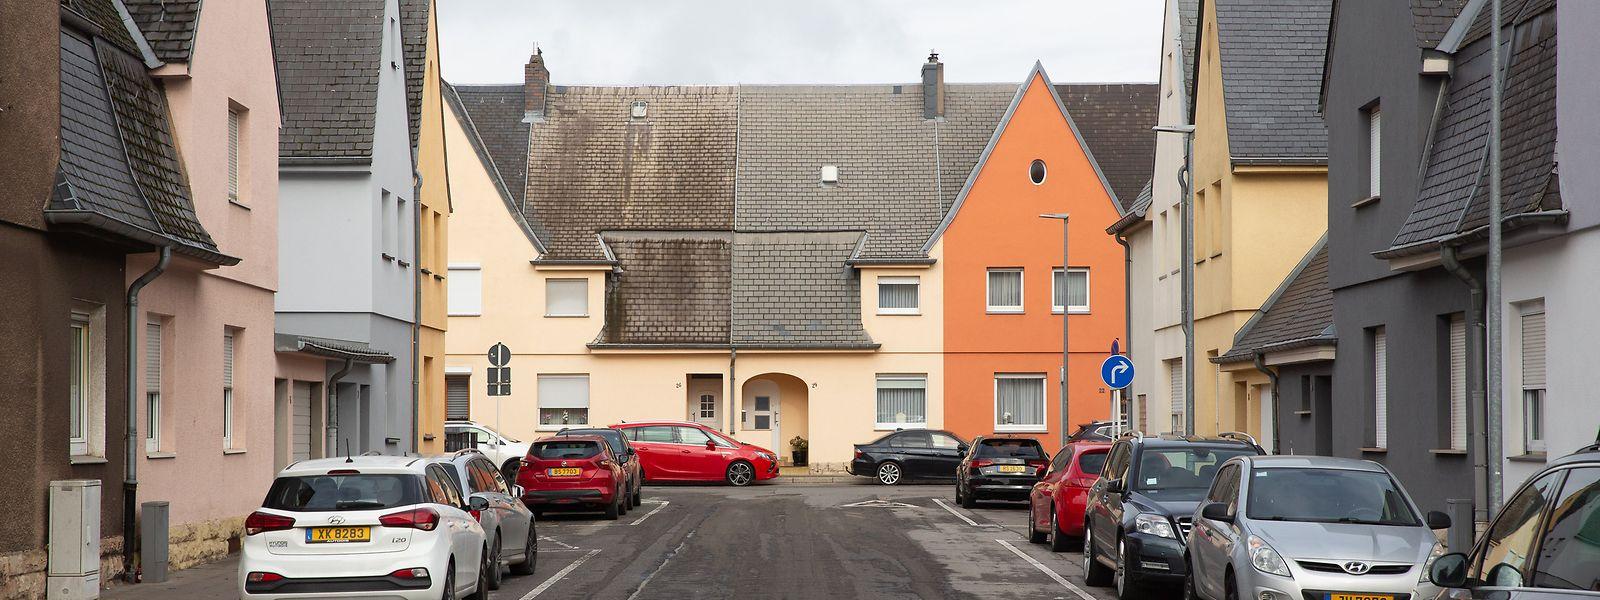 Chaque rue, chaque pâté de maison affiche des particularités architecturales propres.